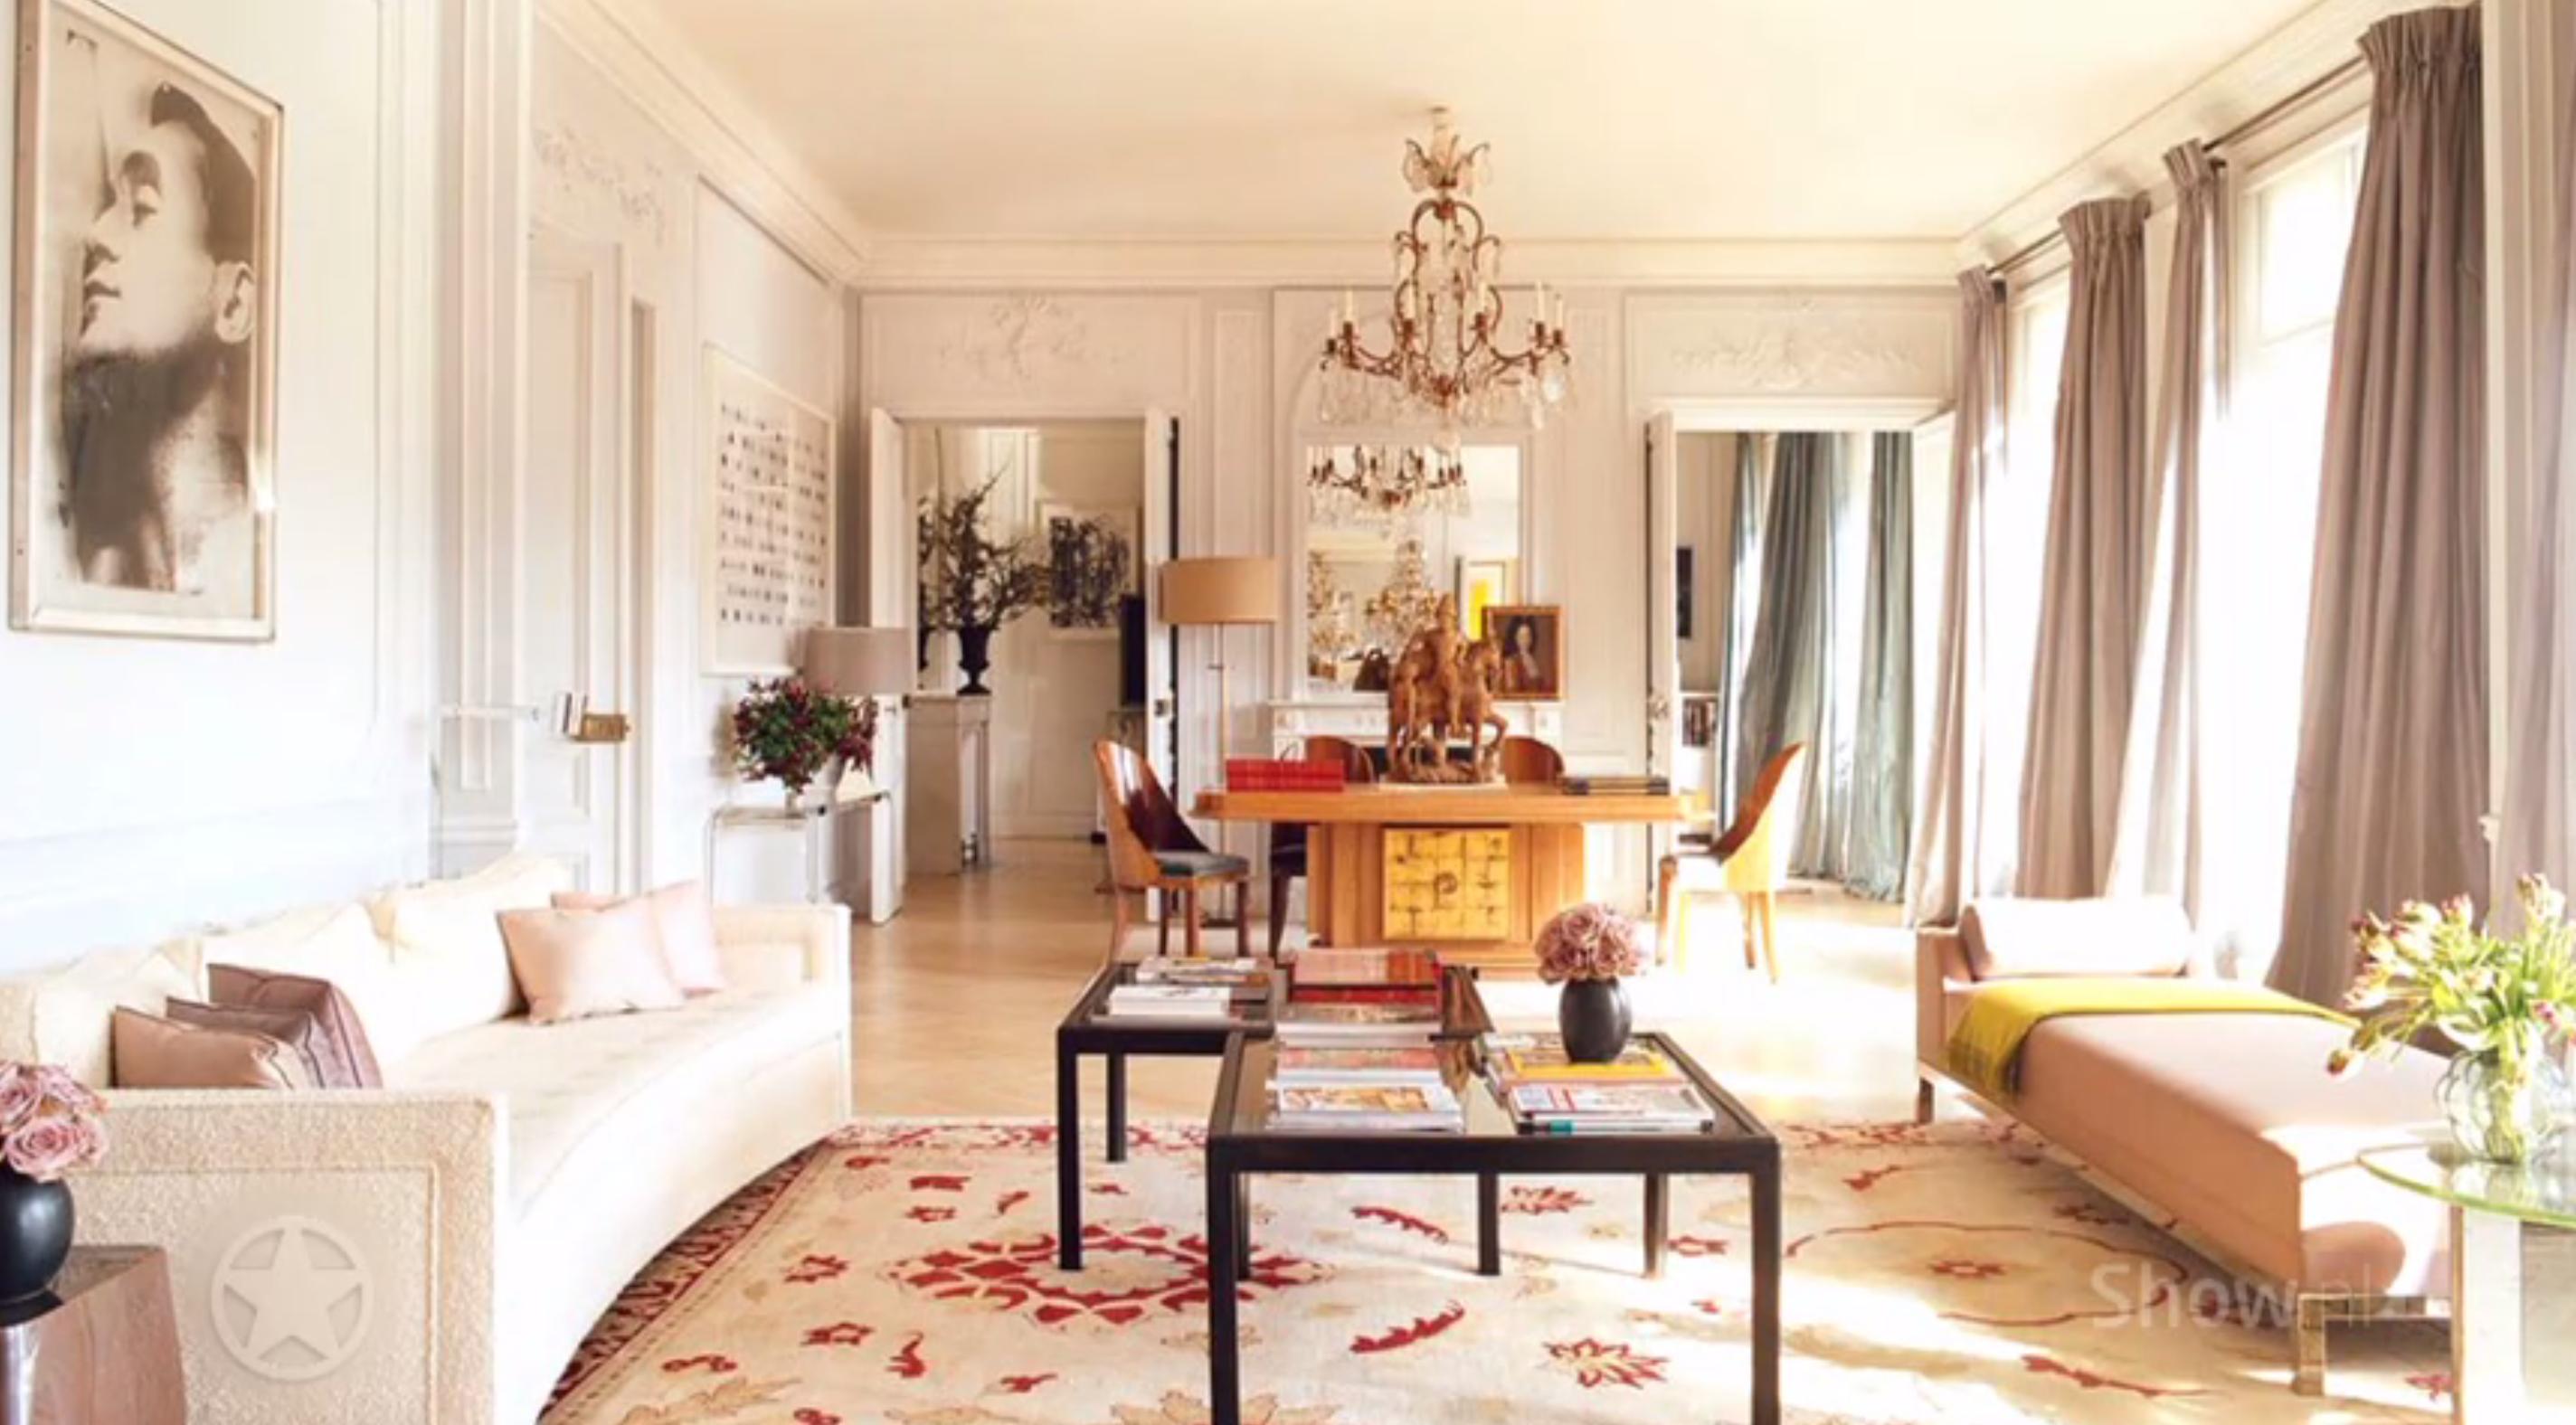 Binnenkijken bij het luxe Parijse appartement van Mick Jagger